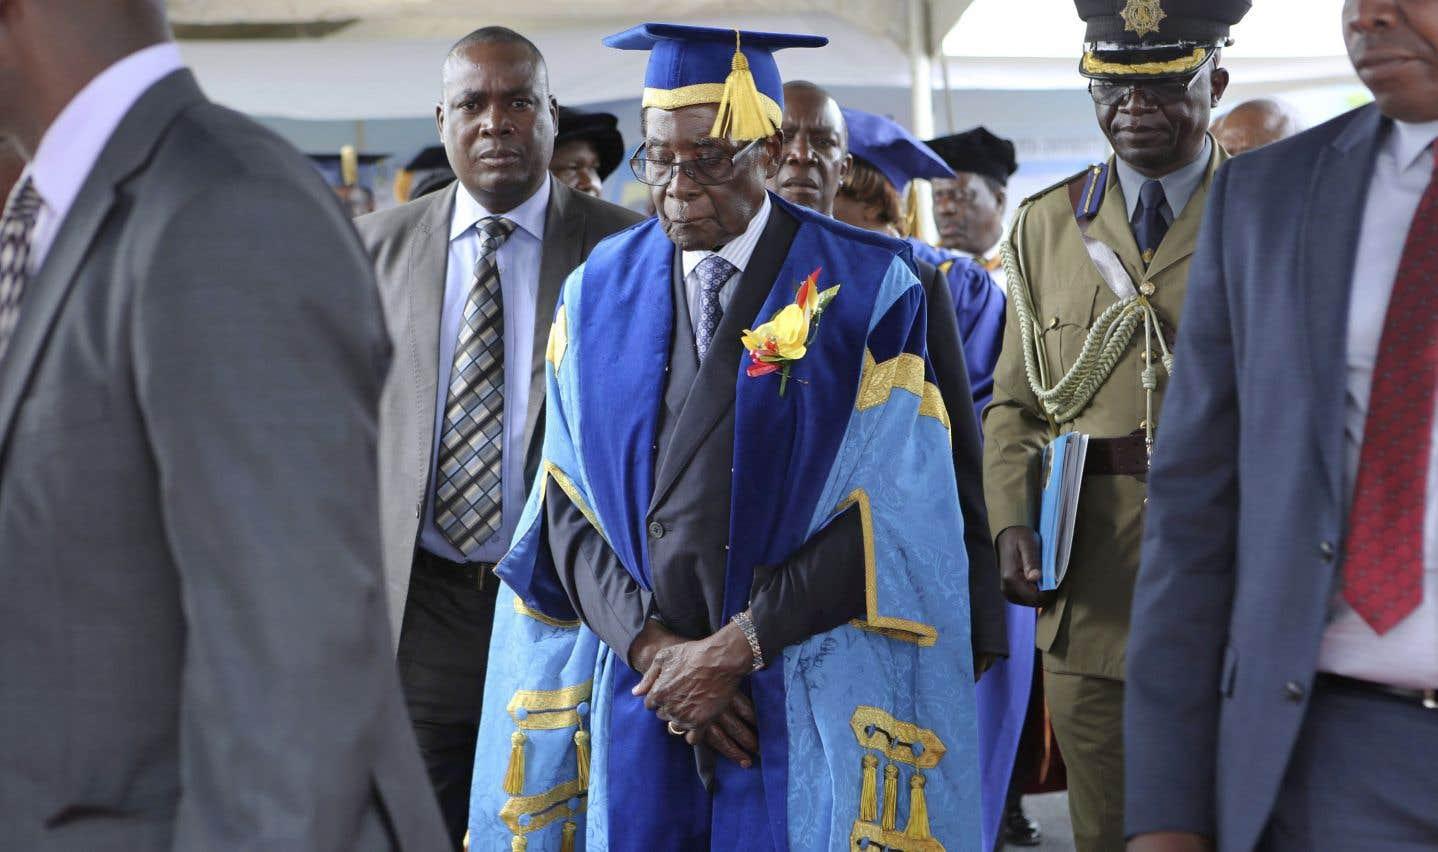 Le président Robert Mugabe a refait surface en public vendredi, pour la première fois depuis que l'armée a pris le contrôle du pays. Il a assisté à une cérémonie de remise de diplômes universitaires en compagnie de ses gardes du corps.